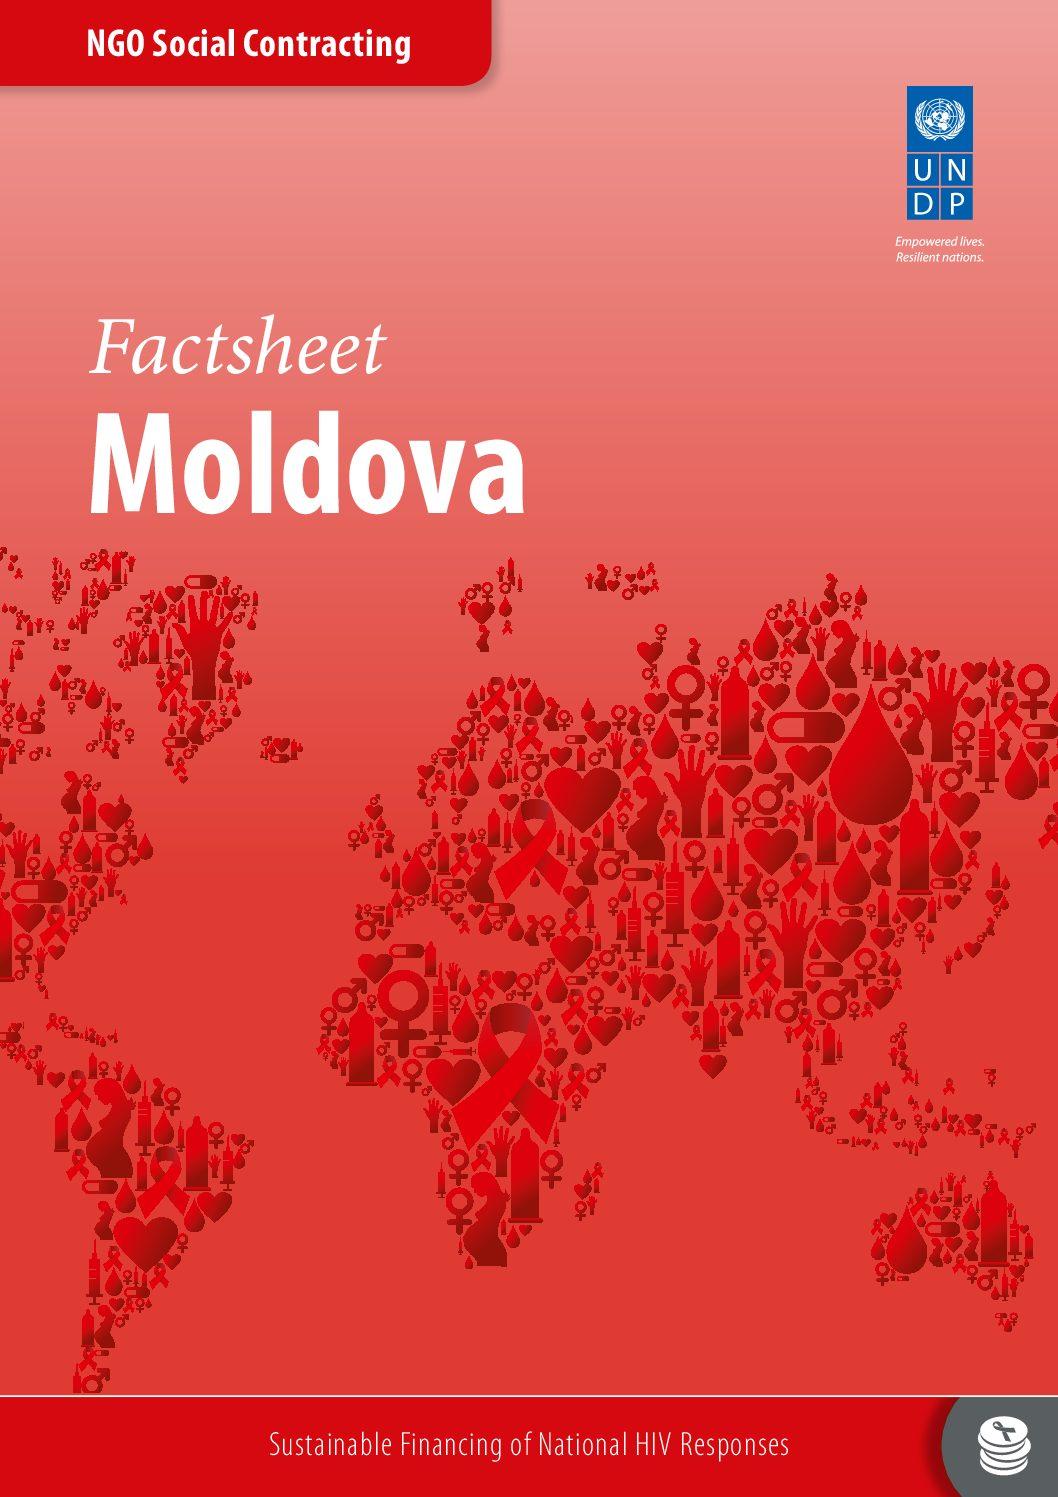 UNDP NGO factsheet Moldova.